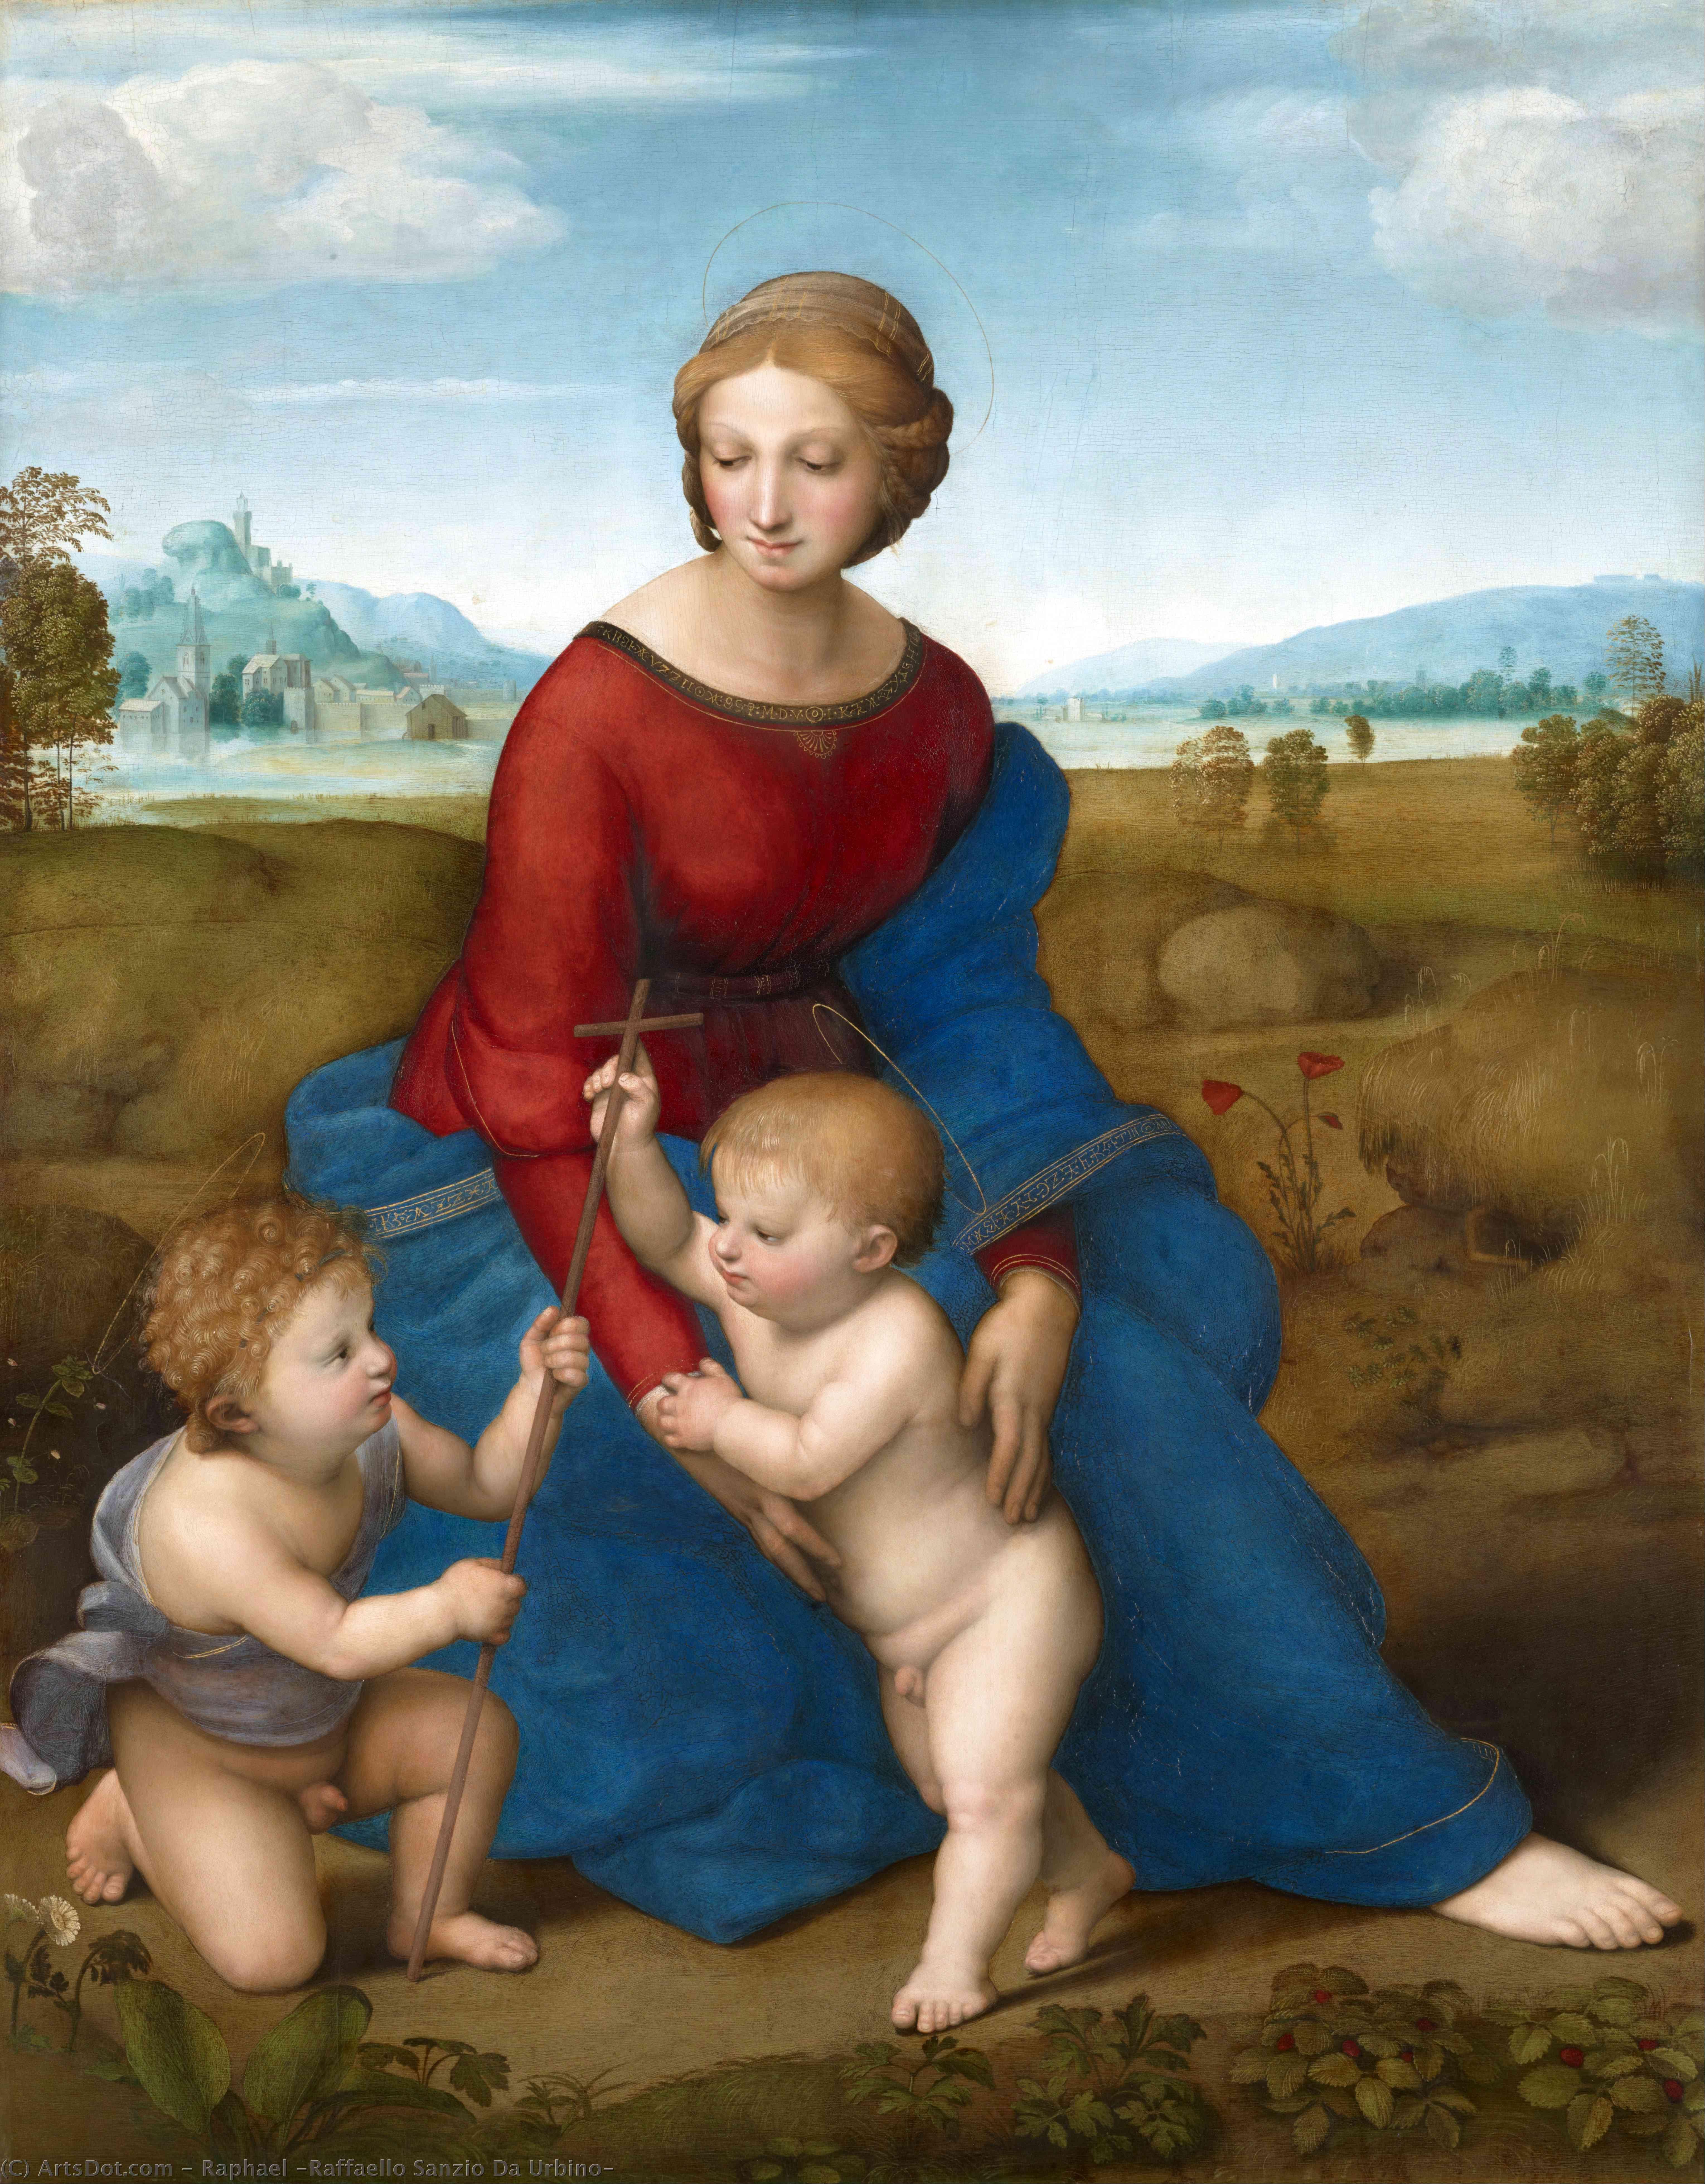 Wikioo.org - The Encyclopedia of Fine Arts - Painting, Artwork by Raphael (Raffaello Sanzio Da Urbino) - Madonna of Belvedere (Madonna del Prato)